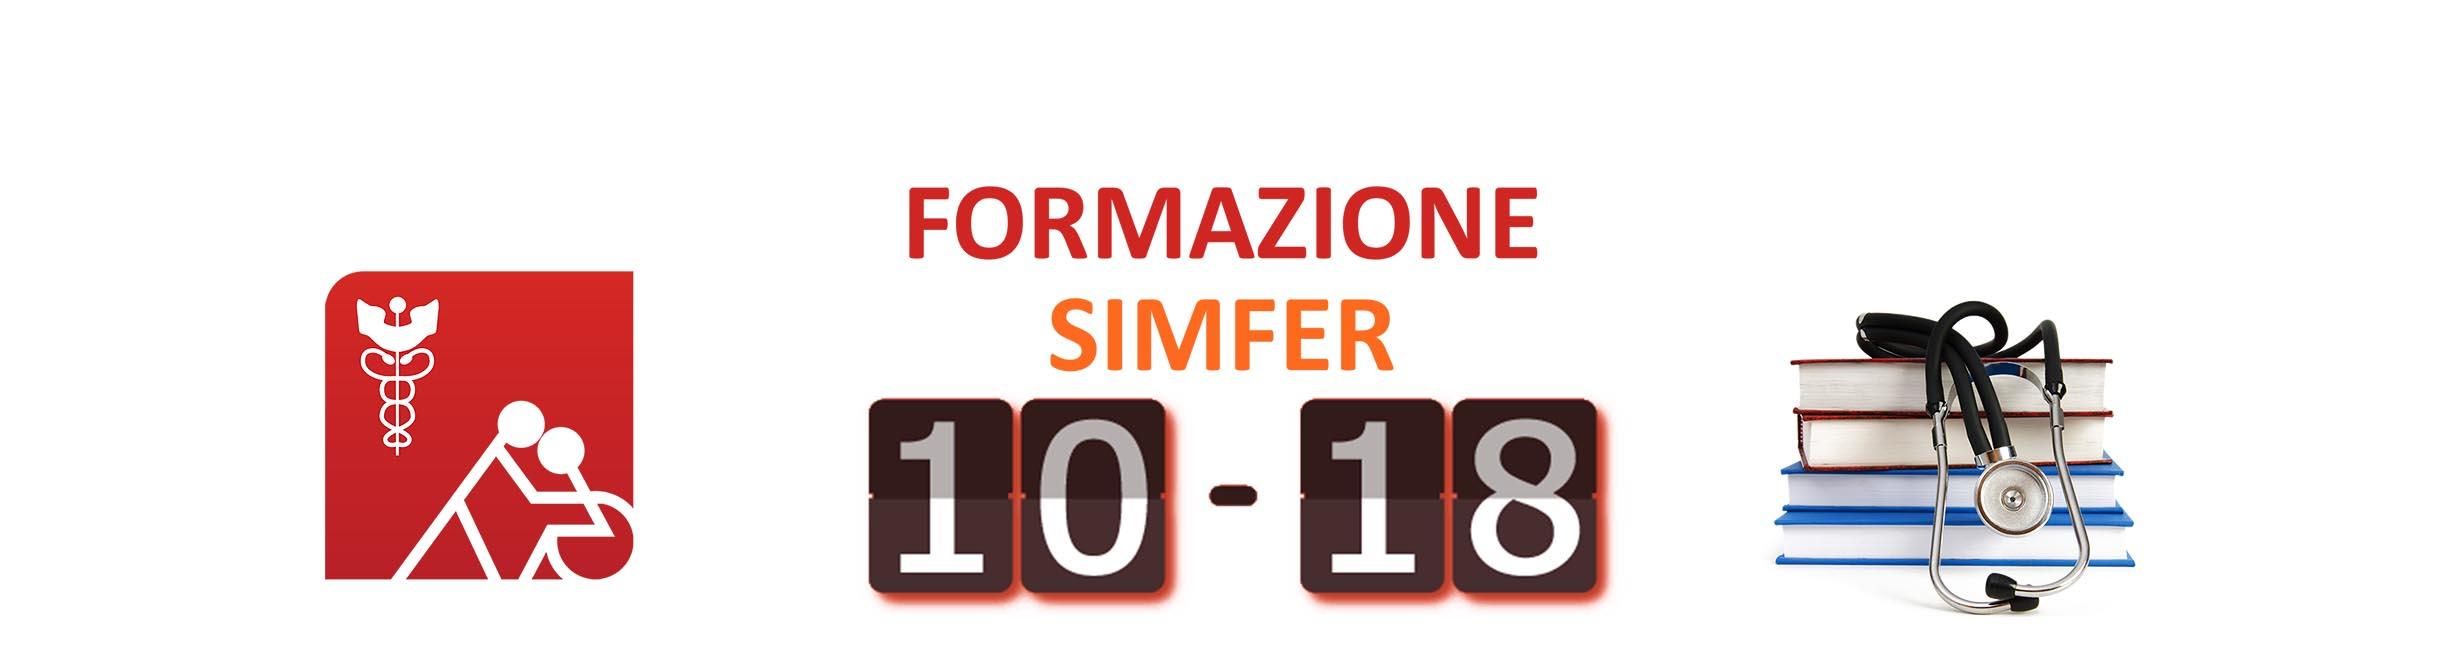 Formazione SIMFER 10-18